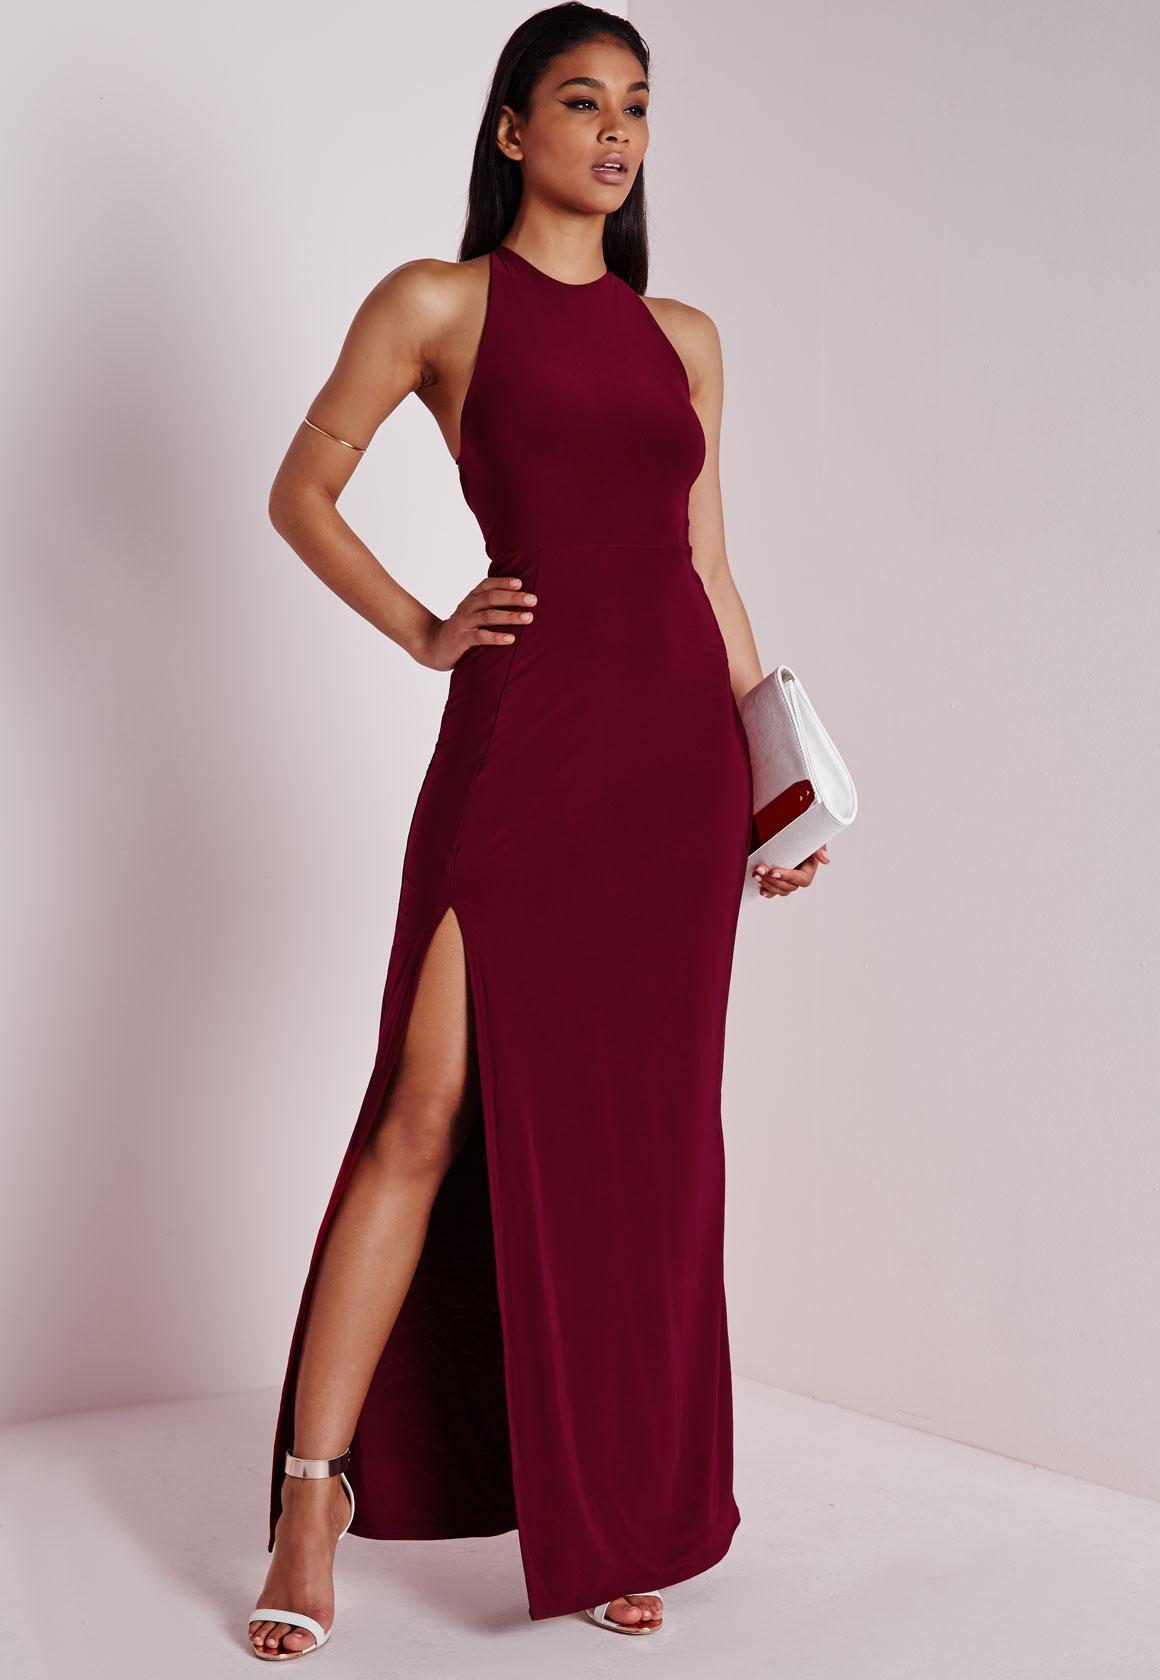 robe d hiver bordeaux les meilleures robes de france. Black Bedroom Furniture Sets. Home Design Ideas